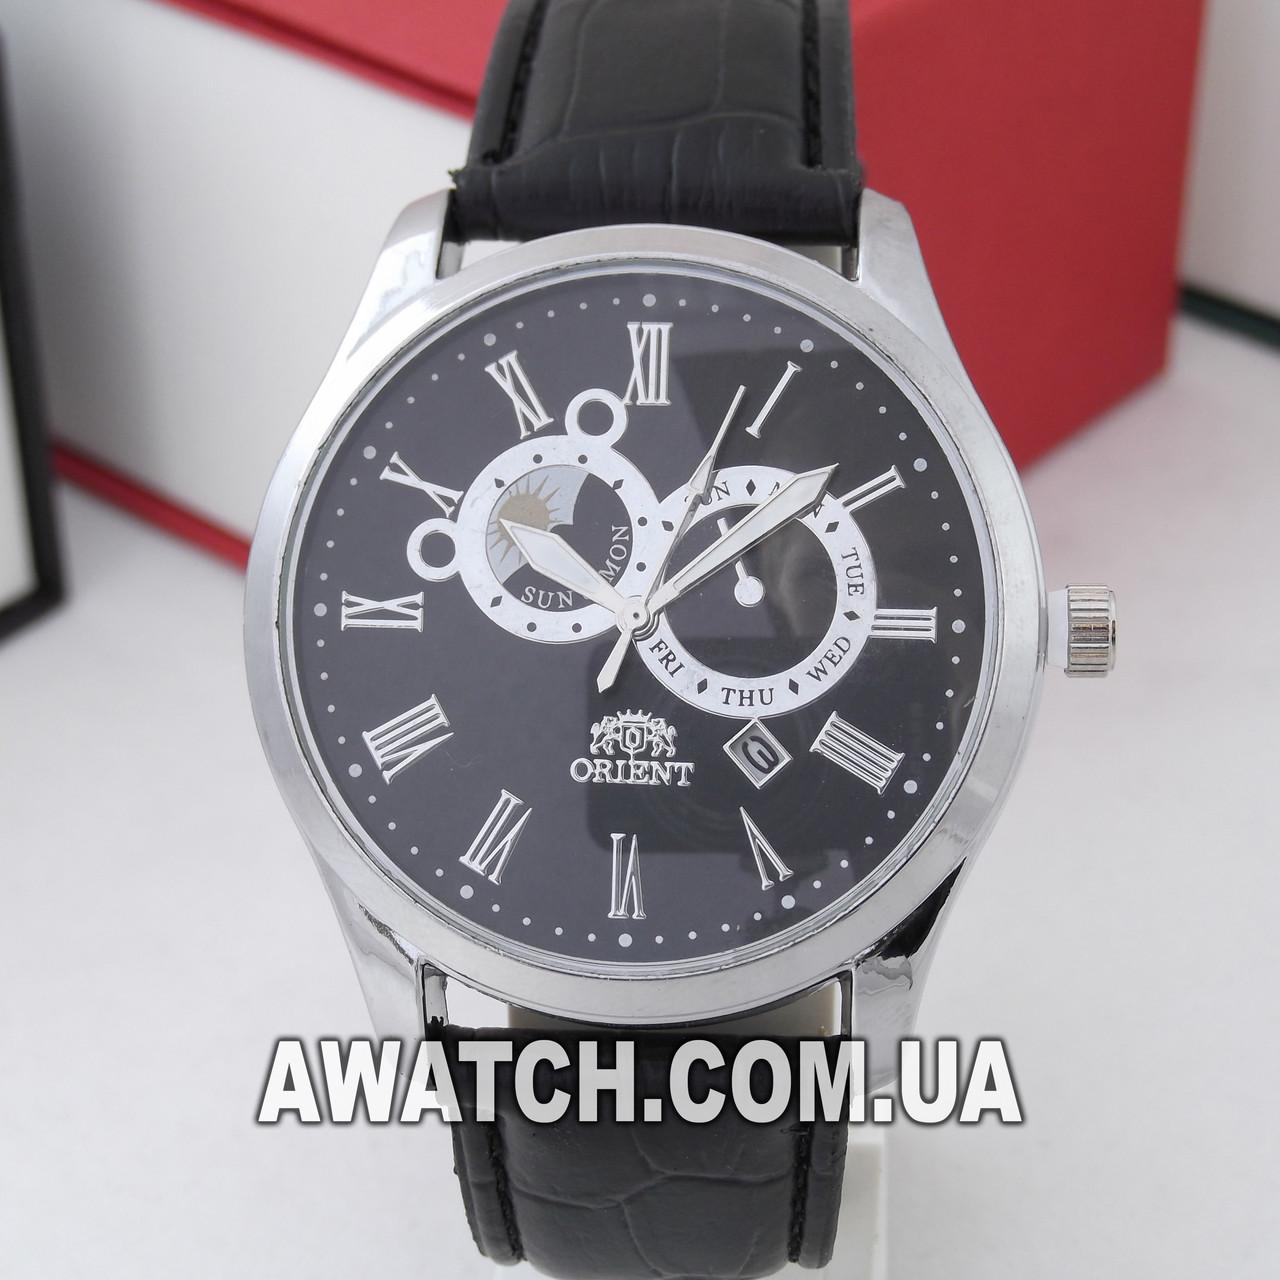 Купить кварцевые наручные мужские часы orient